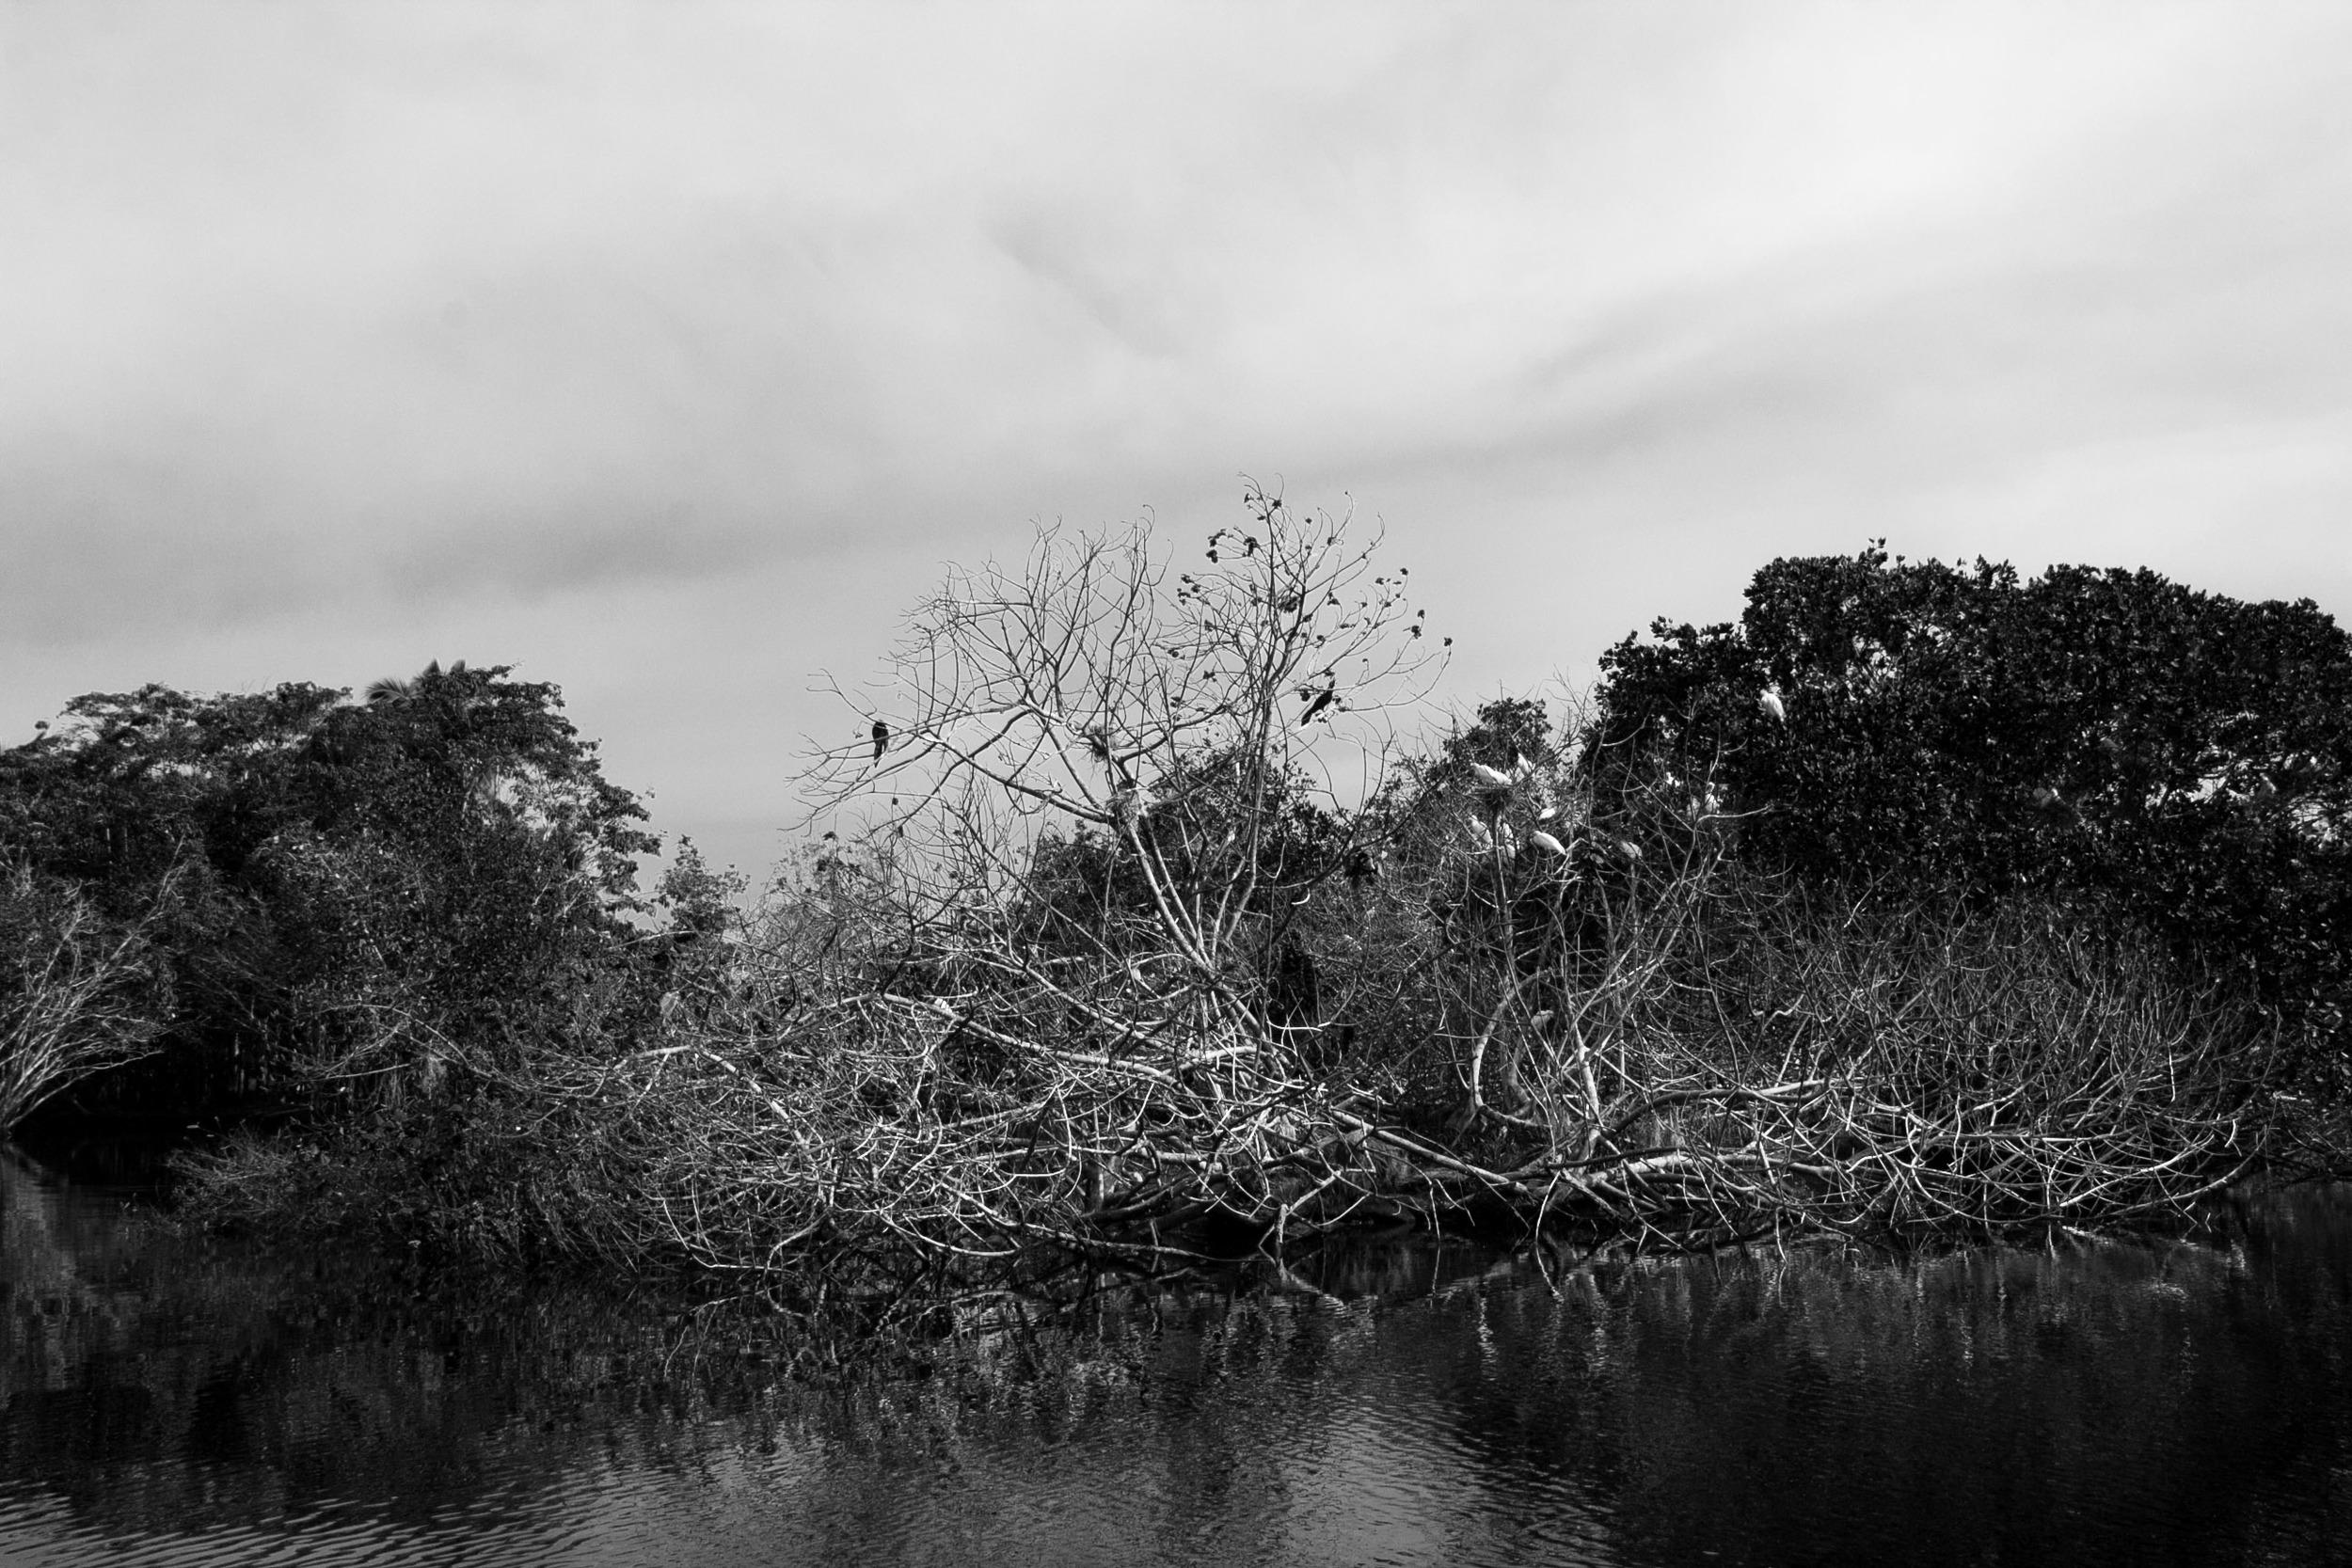 """""""Raíces profundas"""" Esta foto la tomé en Ventanillas, Oaxaca, me lleva a reflexionar ante la necesidad que tiene nuestro espíritu para generar raíces profundas. El tamaño exterior de un árbol es directamente proporcional al tamaño de sus raíces dentro de la tierra.  Foto. AlasdeOrquidea"""